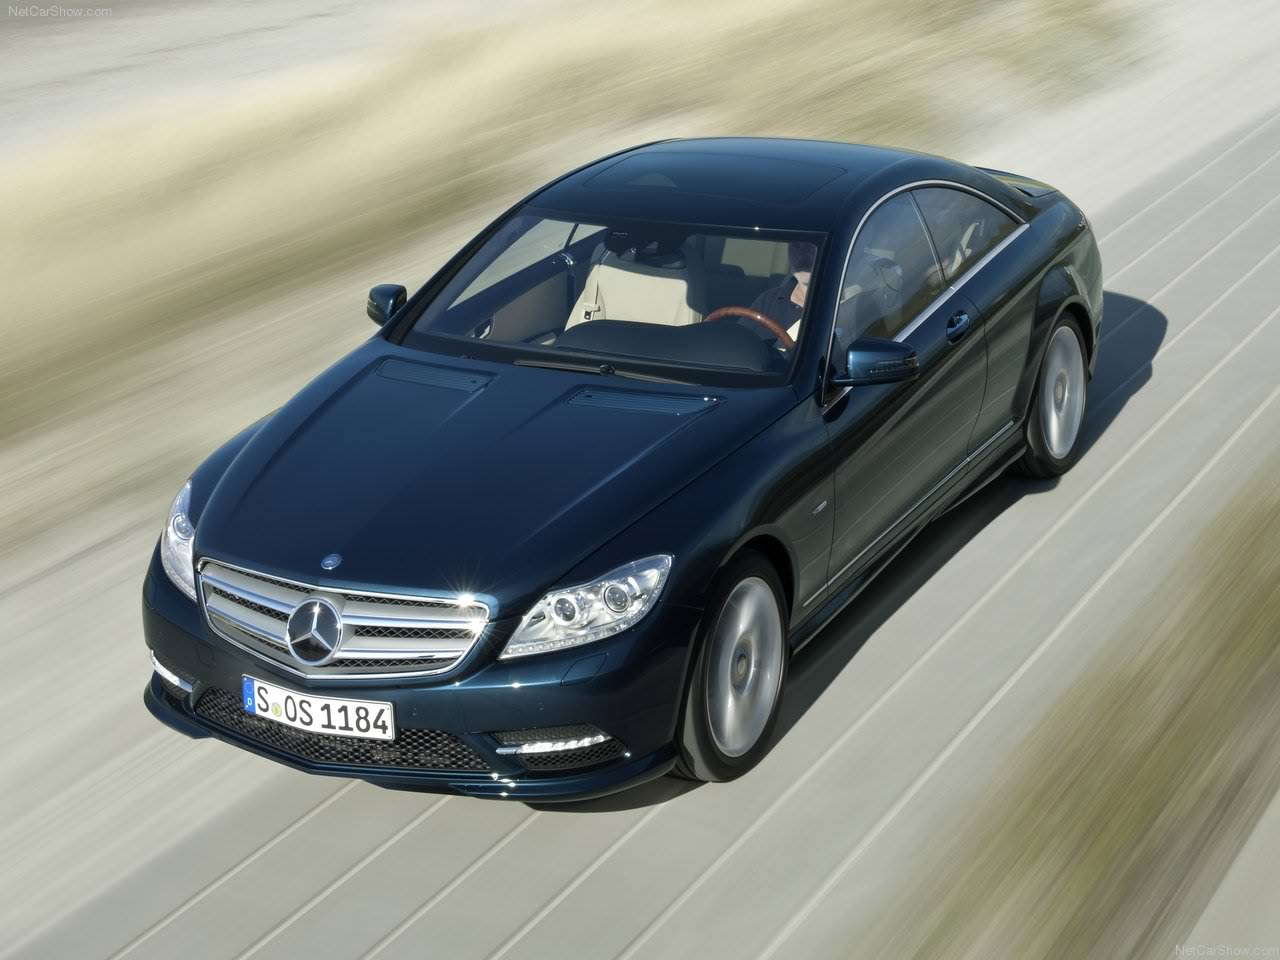 http://2.bp.blogspot.com/_lsyt_wQ2awY/TDOGDB-AeWI/AAAAAAAB6sI/aEj0HeLhC_U/s1600/Mercedes-Benz-CL-Class_2011_1280x960_wallpaper_02.jpg